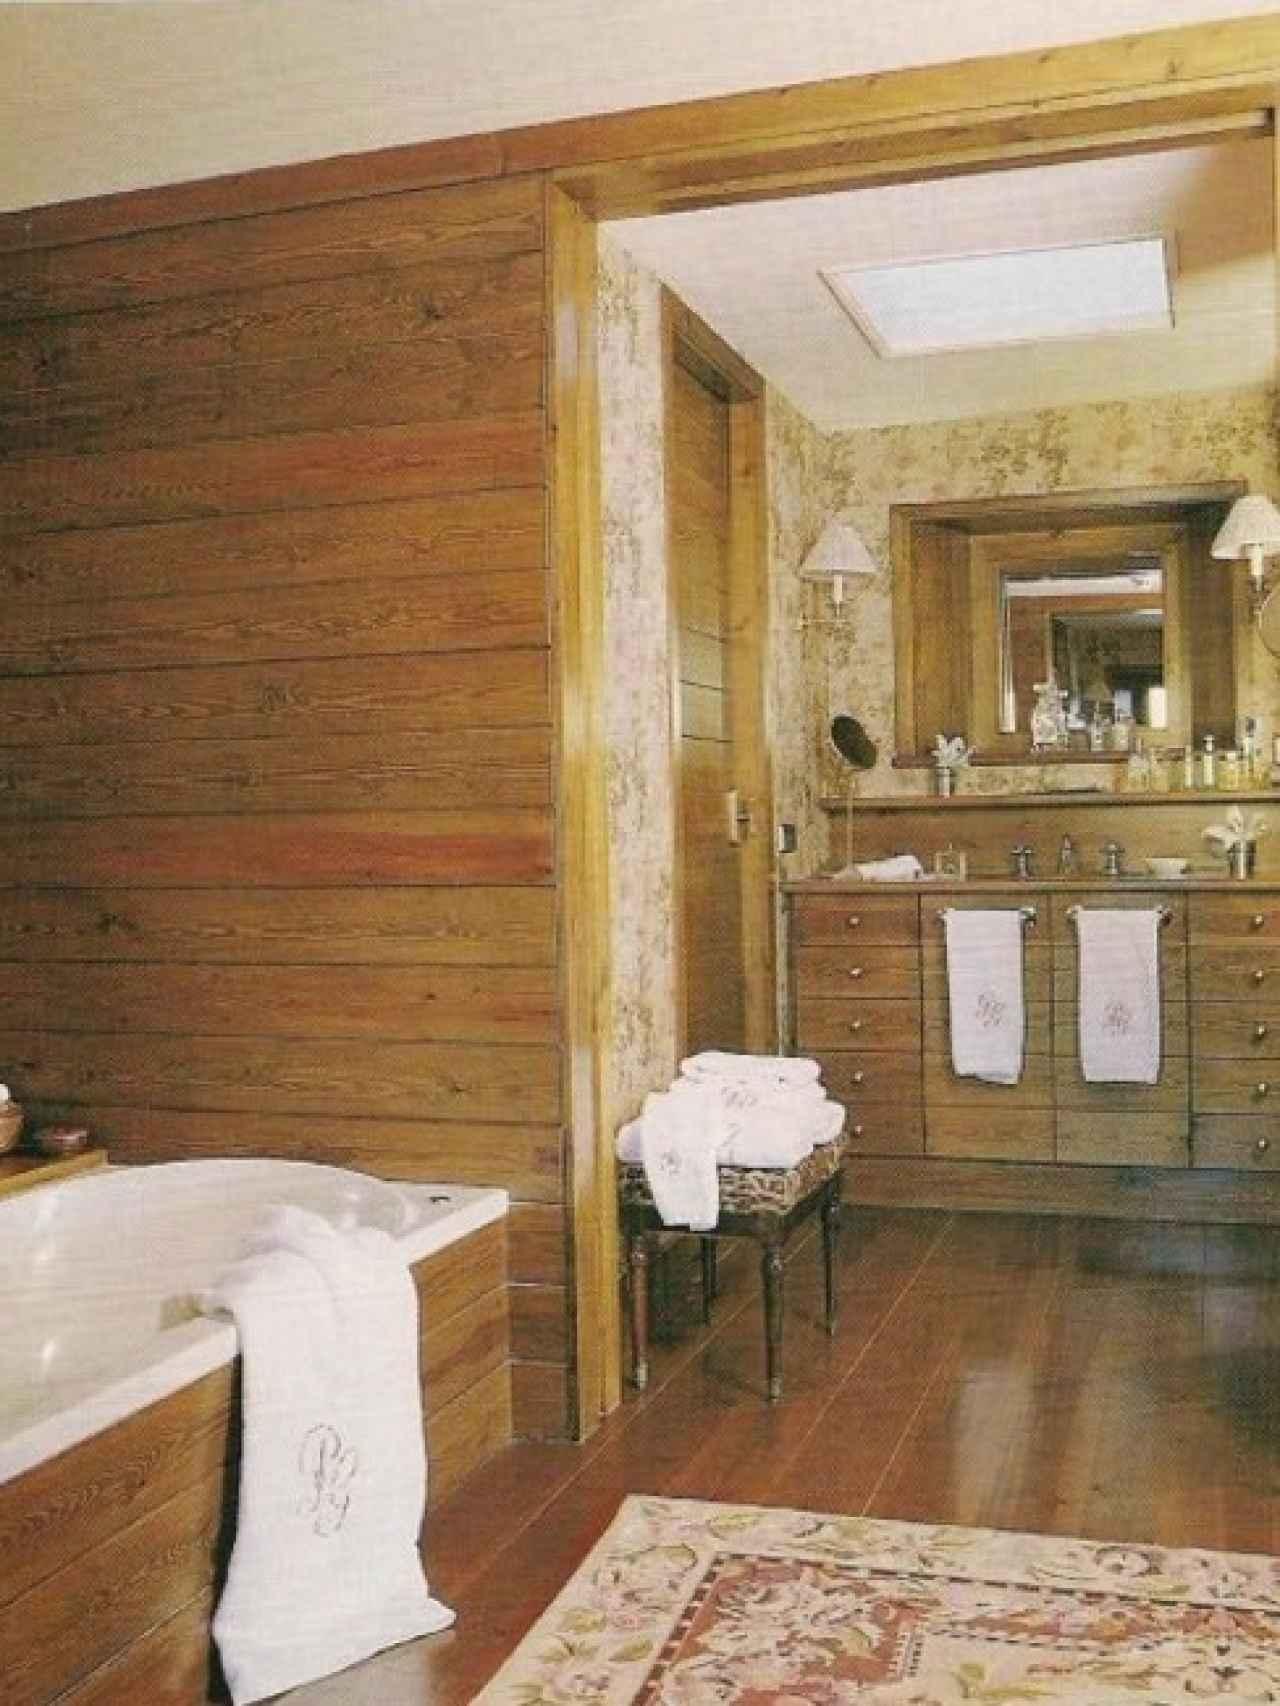 Imagen de uno de los baños de la casa.